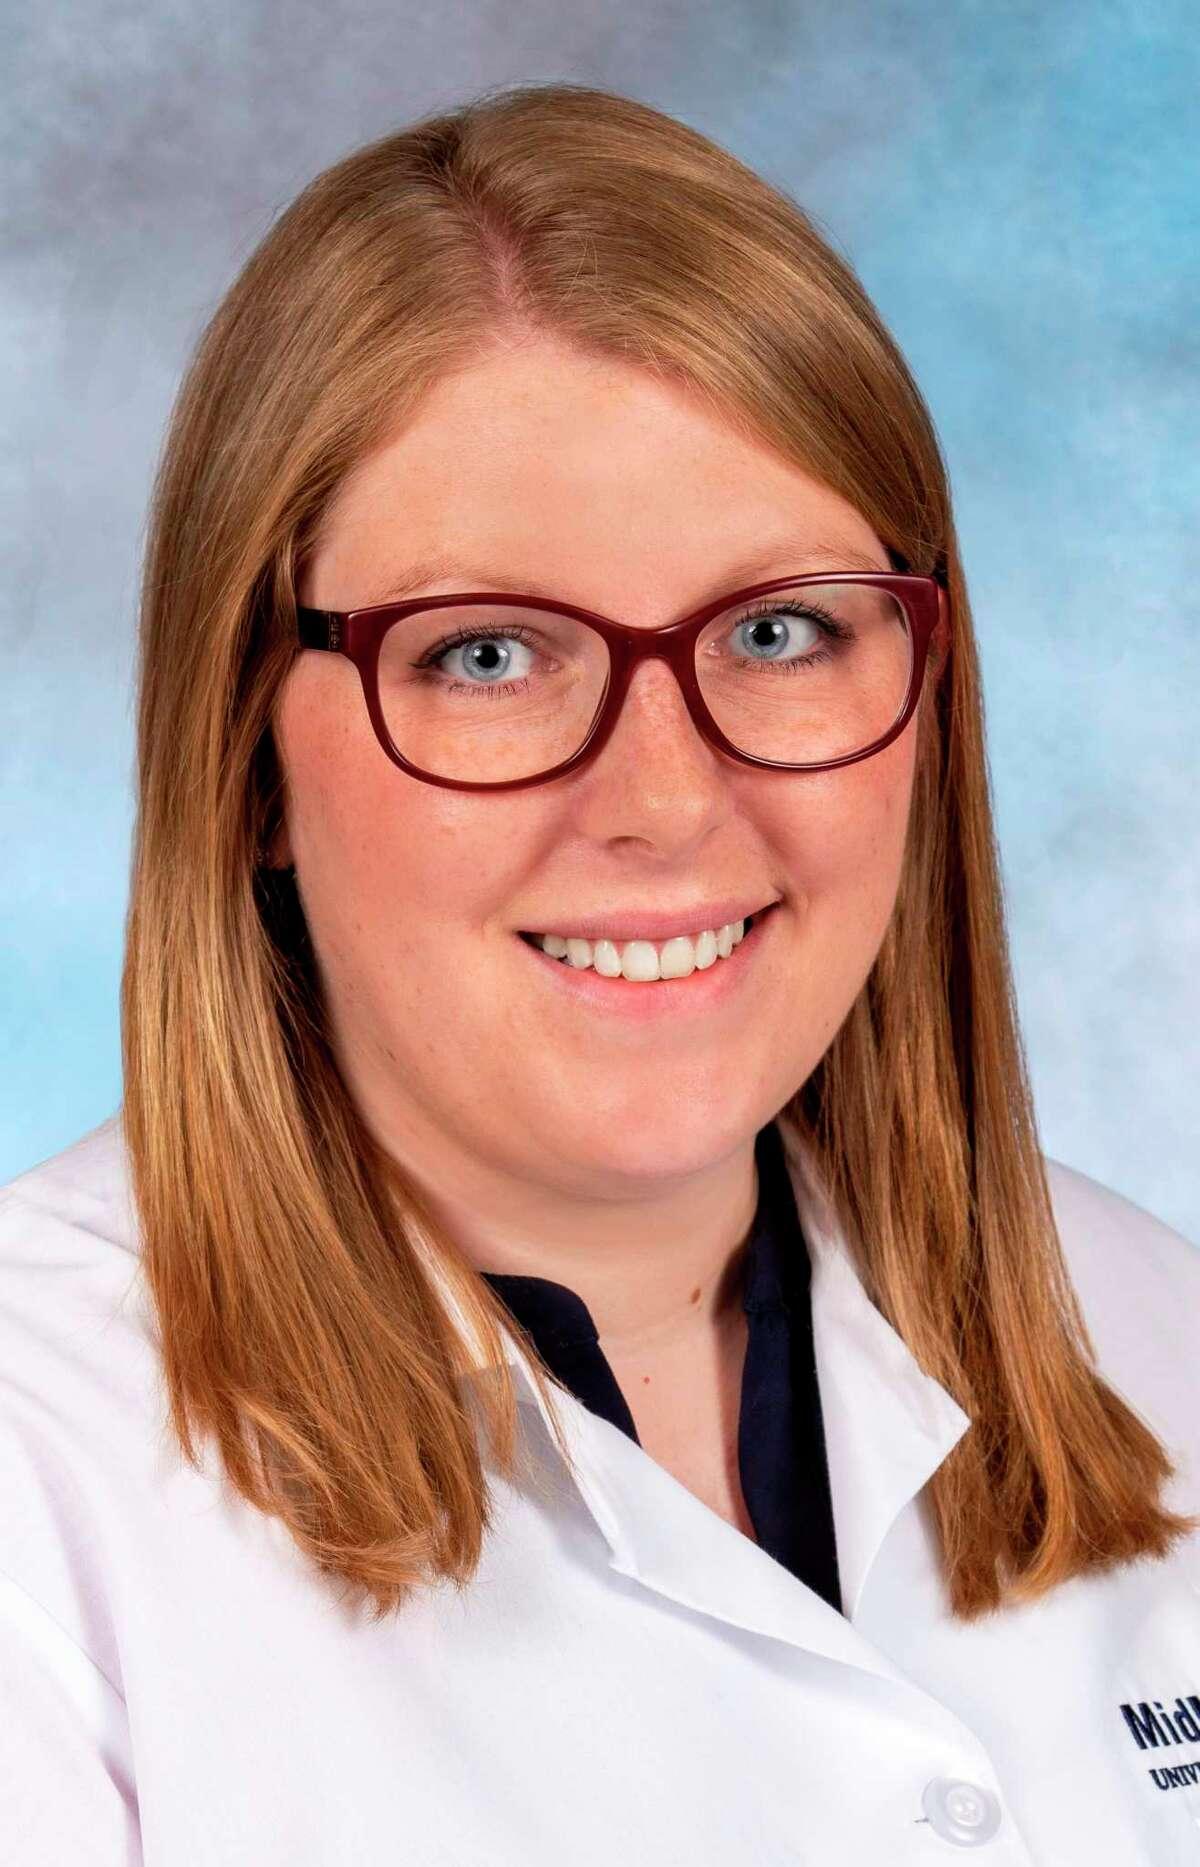 Dr. Shannon Bowen